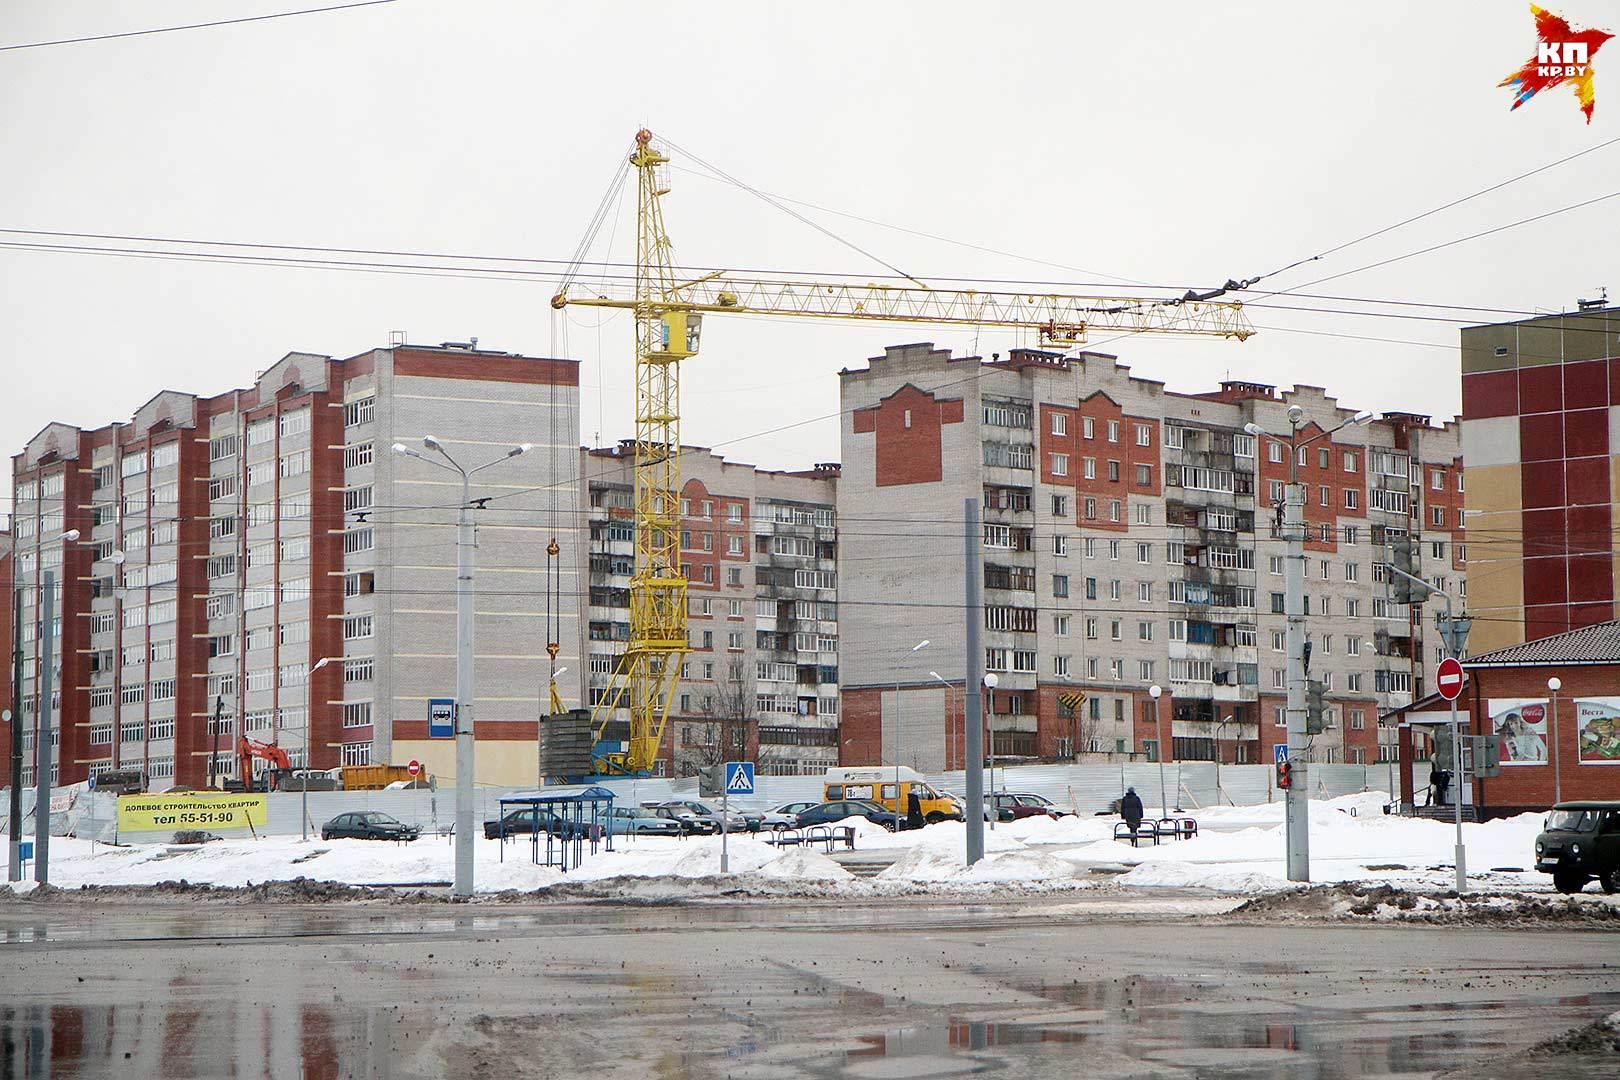 Почему квартиры в Минске и регионах так сильно отличаются в цене?